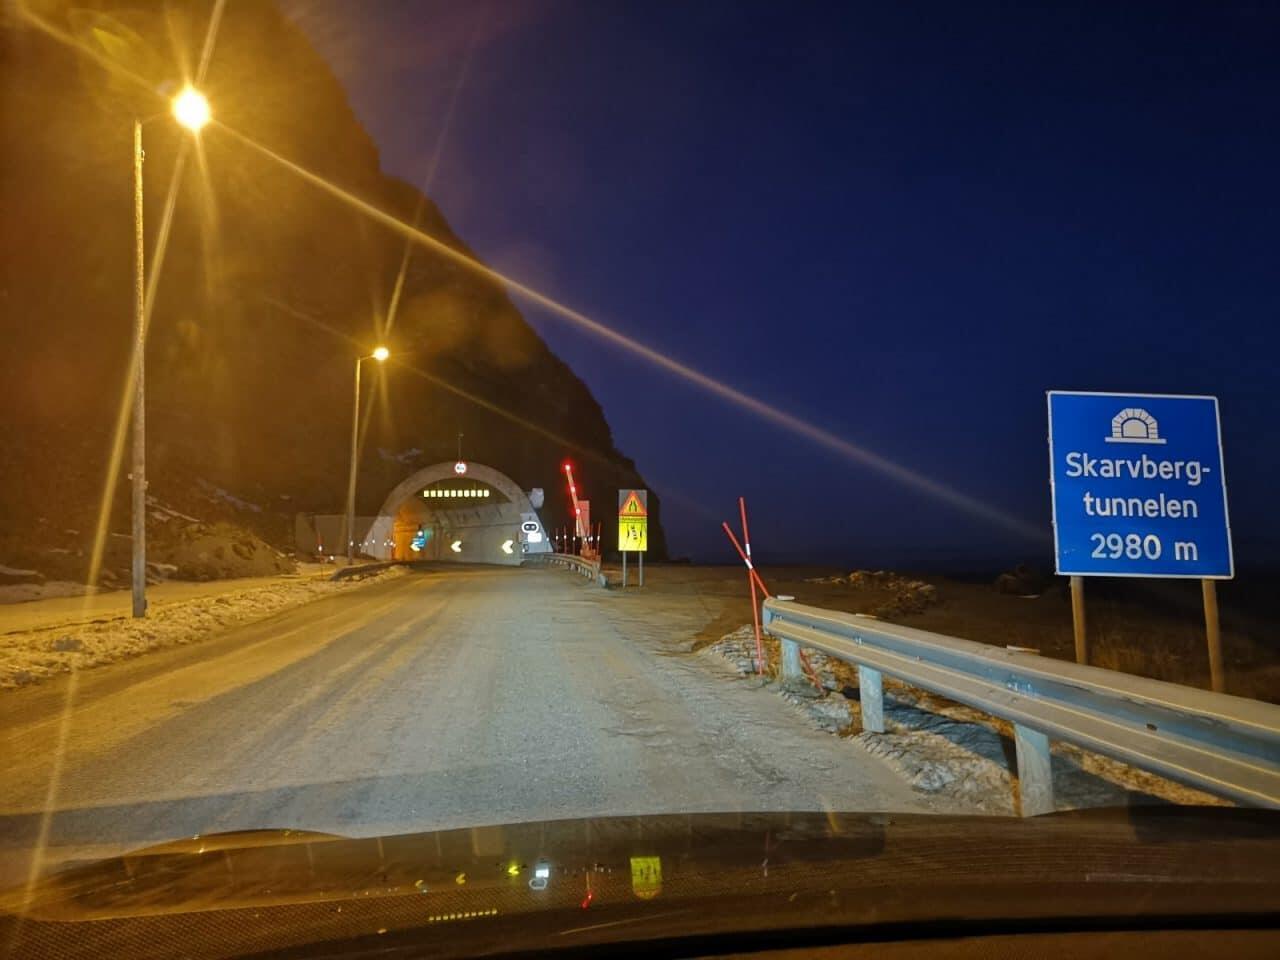 Jokamies-Teslalla-talvella-Nordkappiin-tunneli